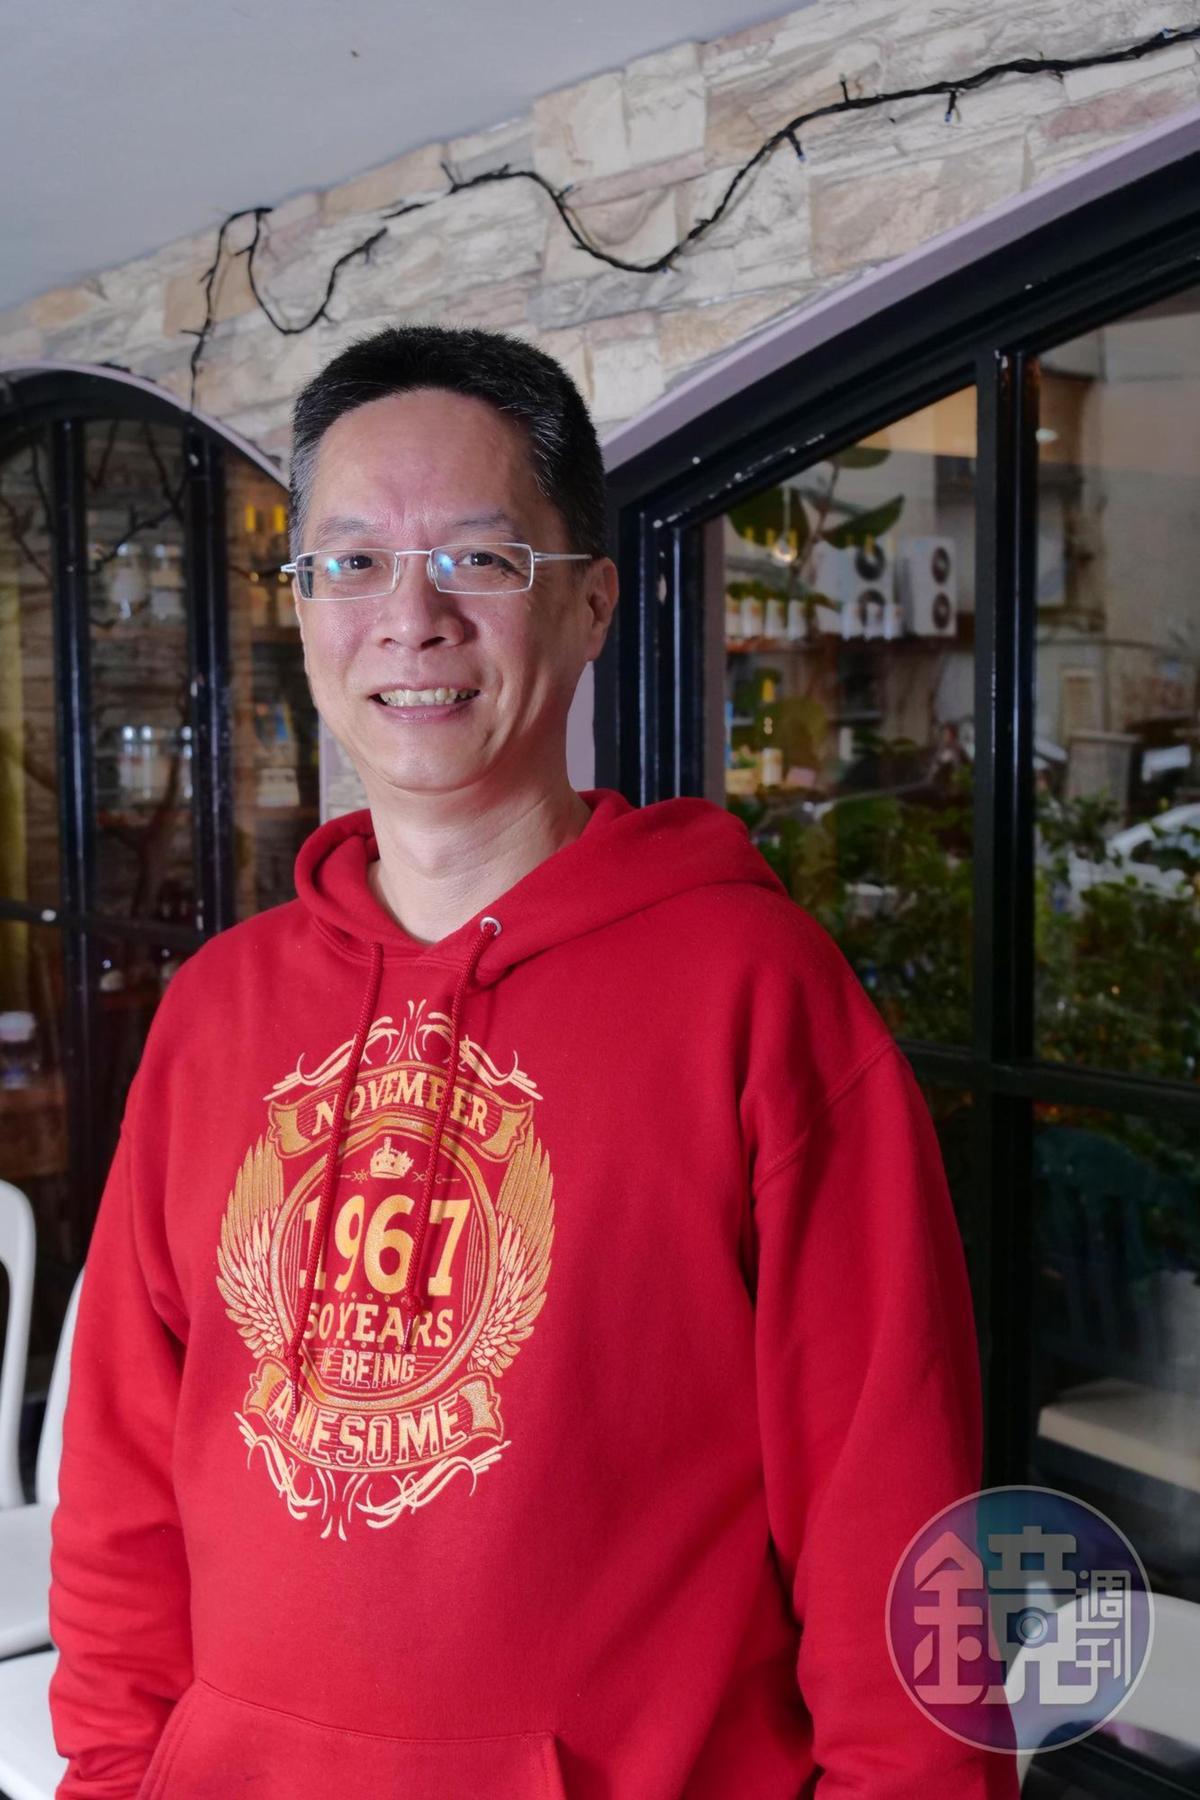 「原味廚房」創辦人鍾坤志,找來他的作家及廚師好友設計年菜菜單,一同拜訪產地農友選擇有生產履歷的食材,費時多次試菜,推出的外帶年菜心意滿滿。